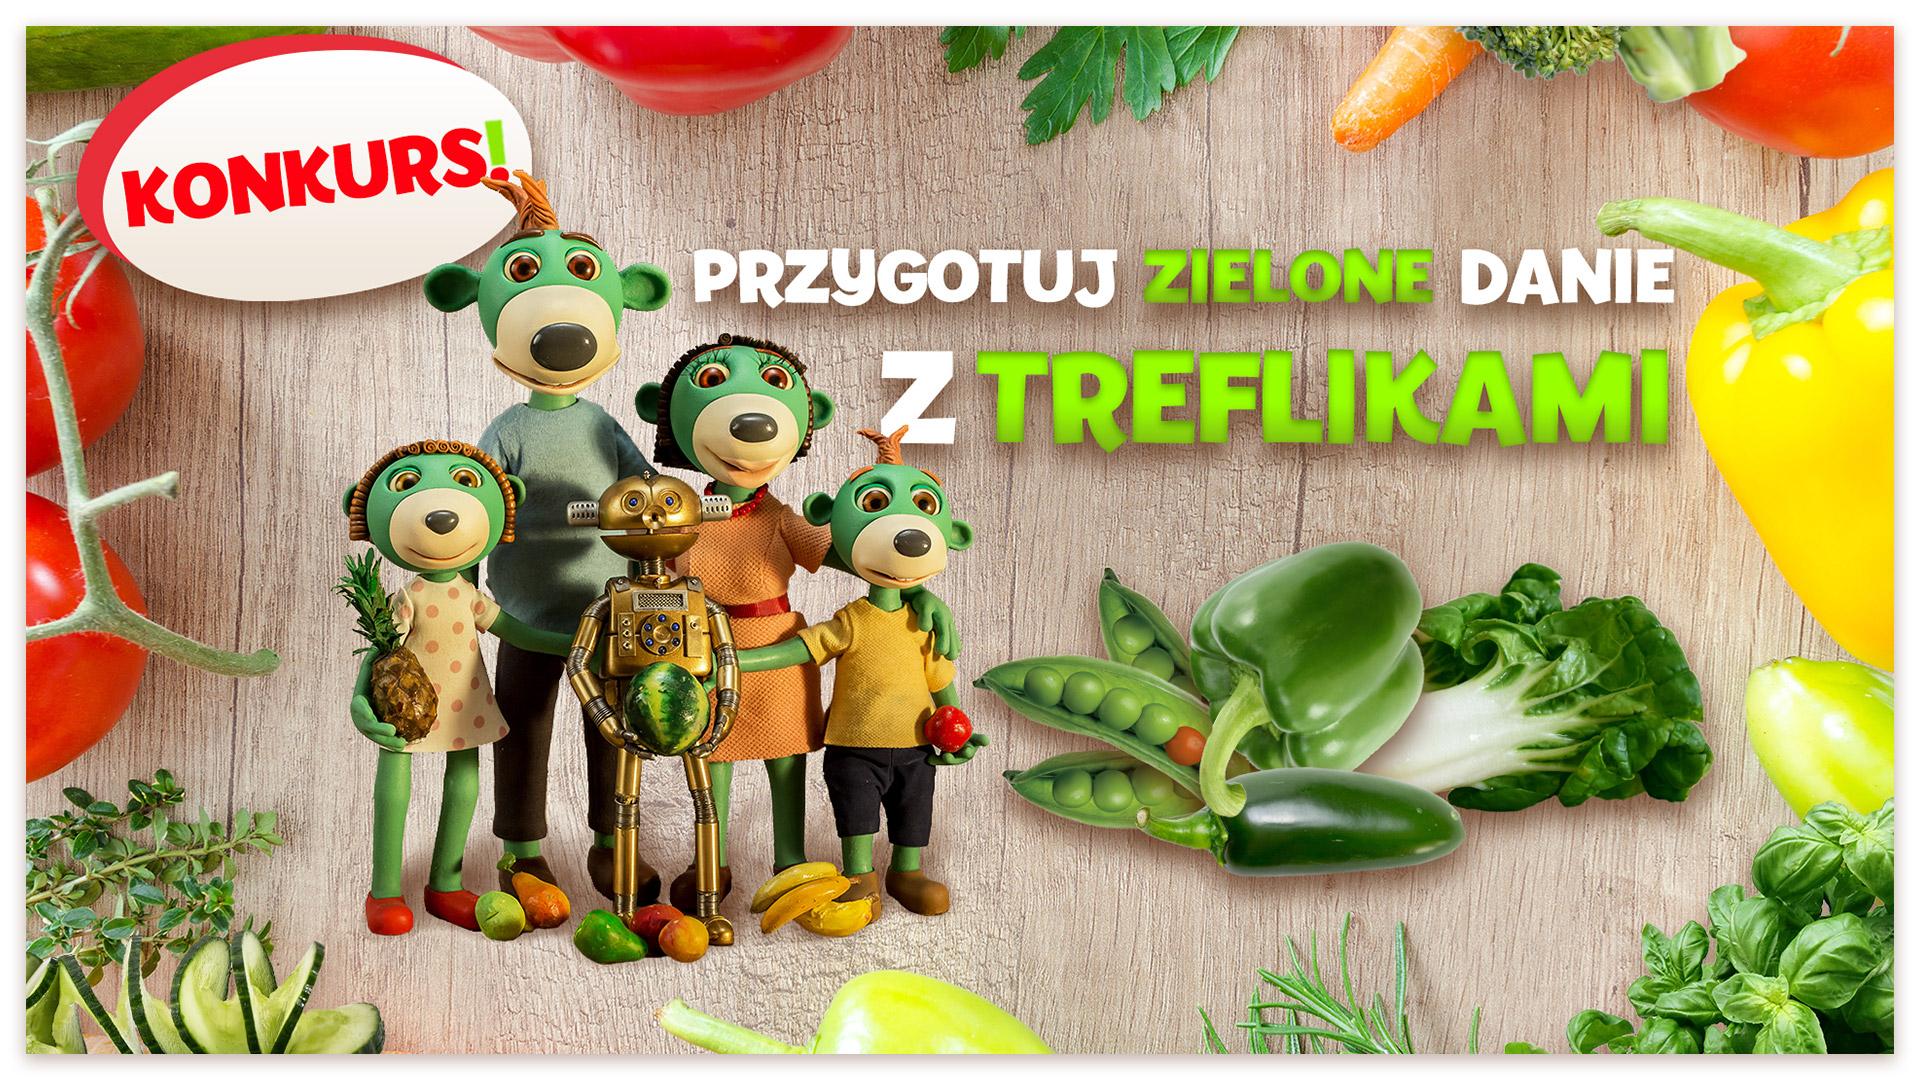 Konkurs Zielony Przepis z Treflikami